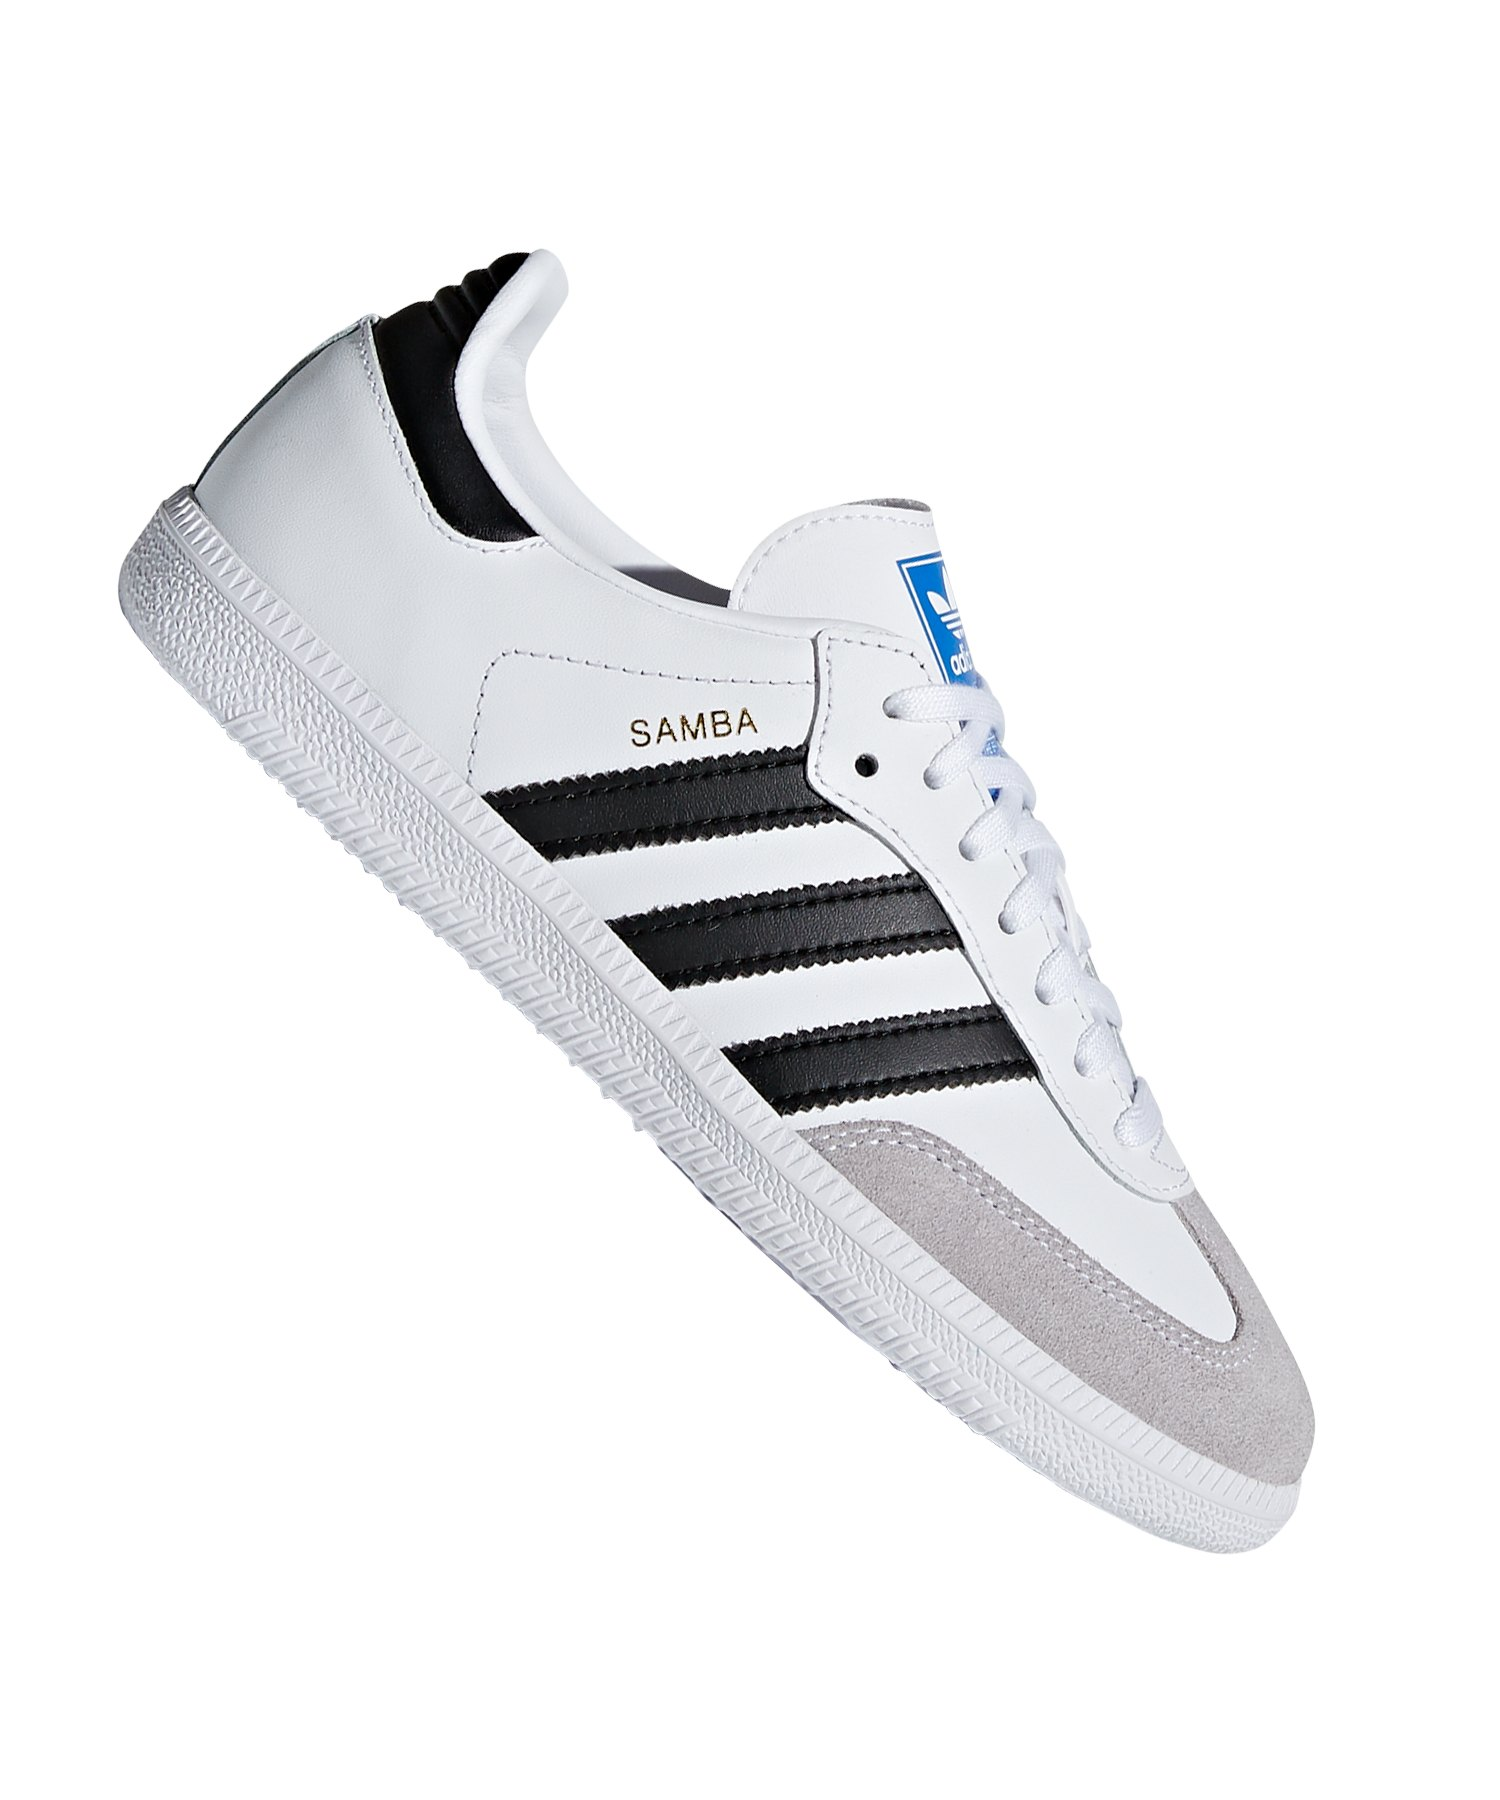 adidas schuhe schwarz schuhe kinder weiß weiß schwarz kinder adidas adidas MSpjUGLqzV